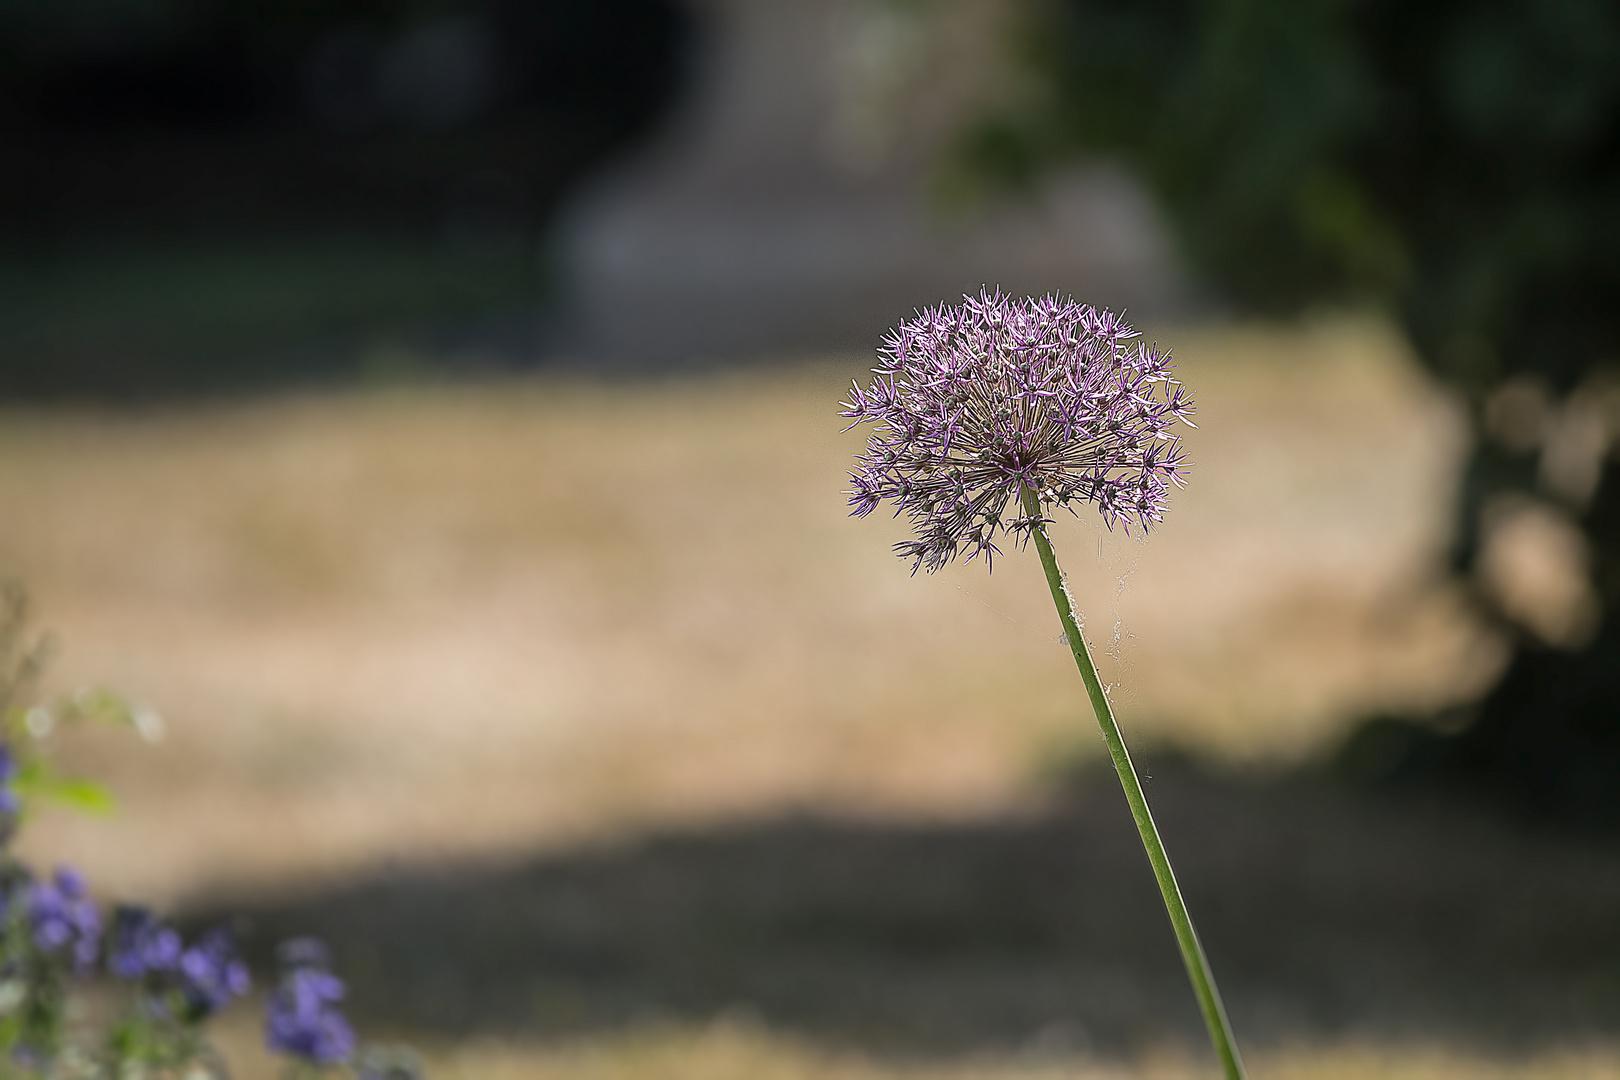 Kugellauch in Rosa (Allium Giganteum)